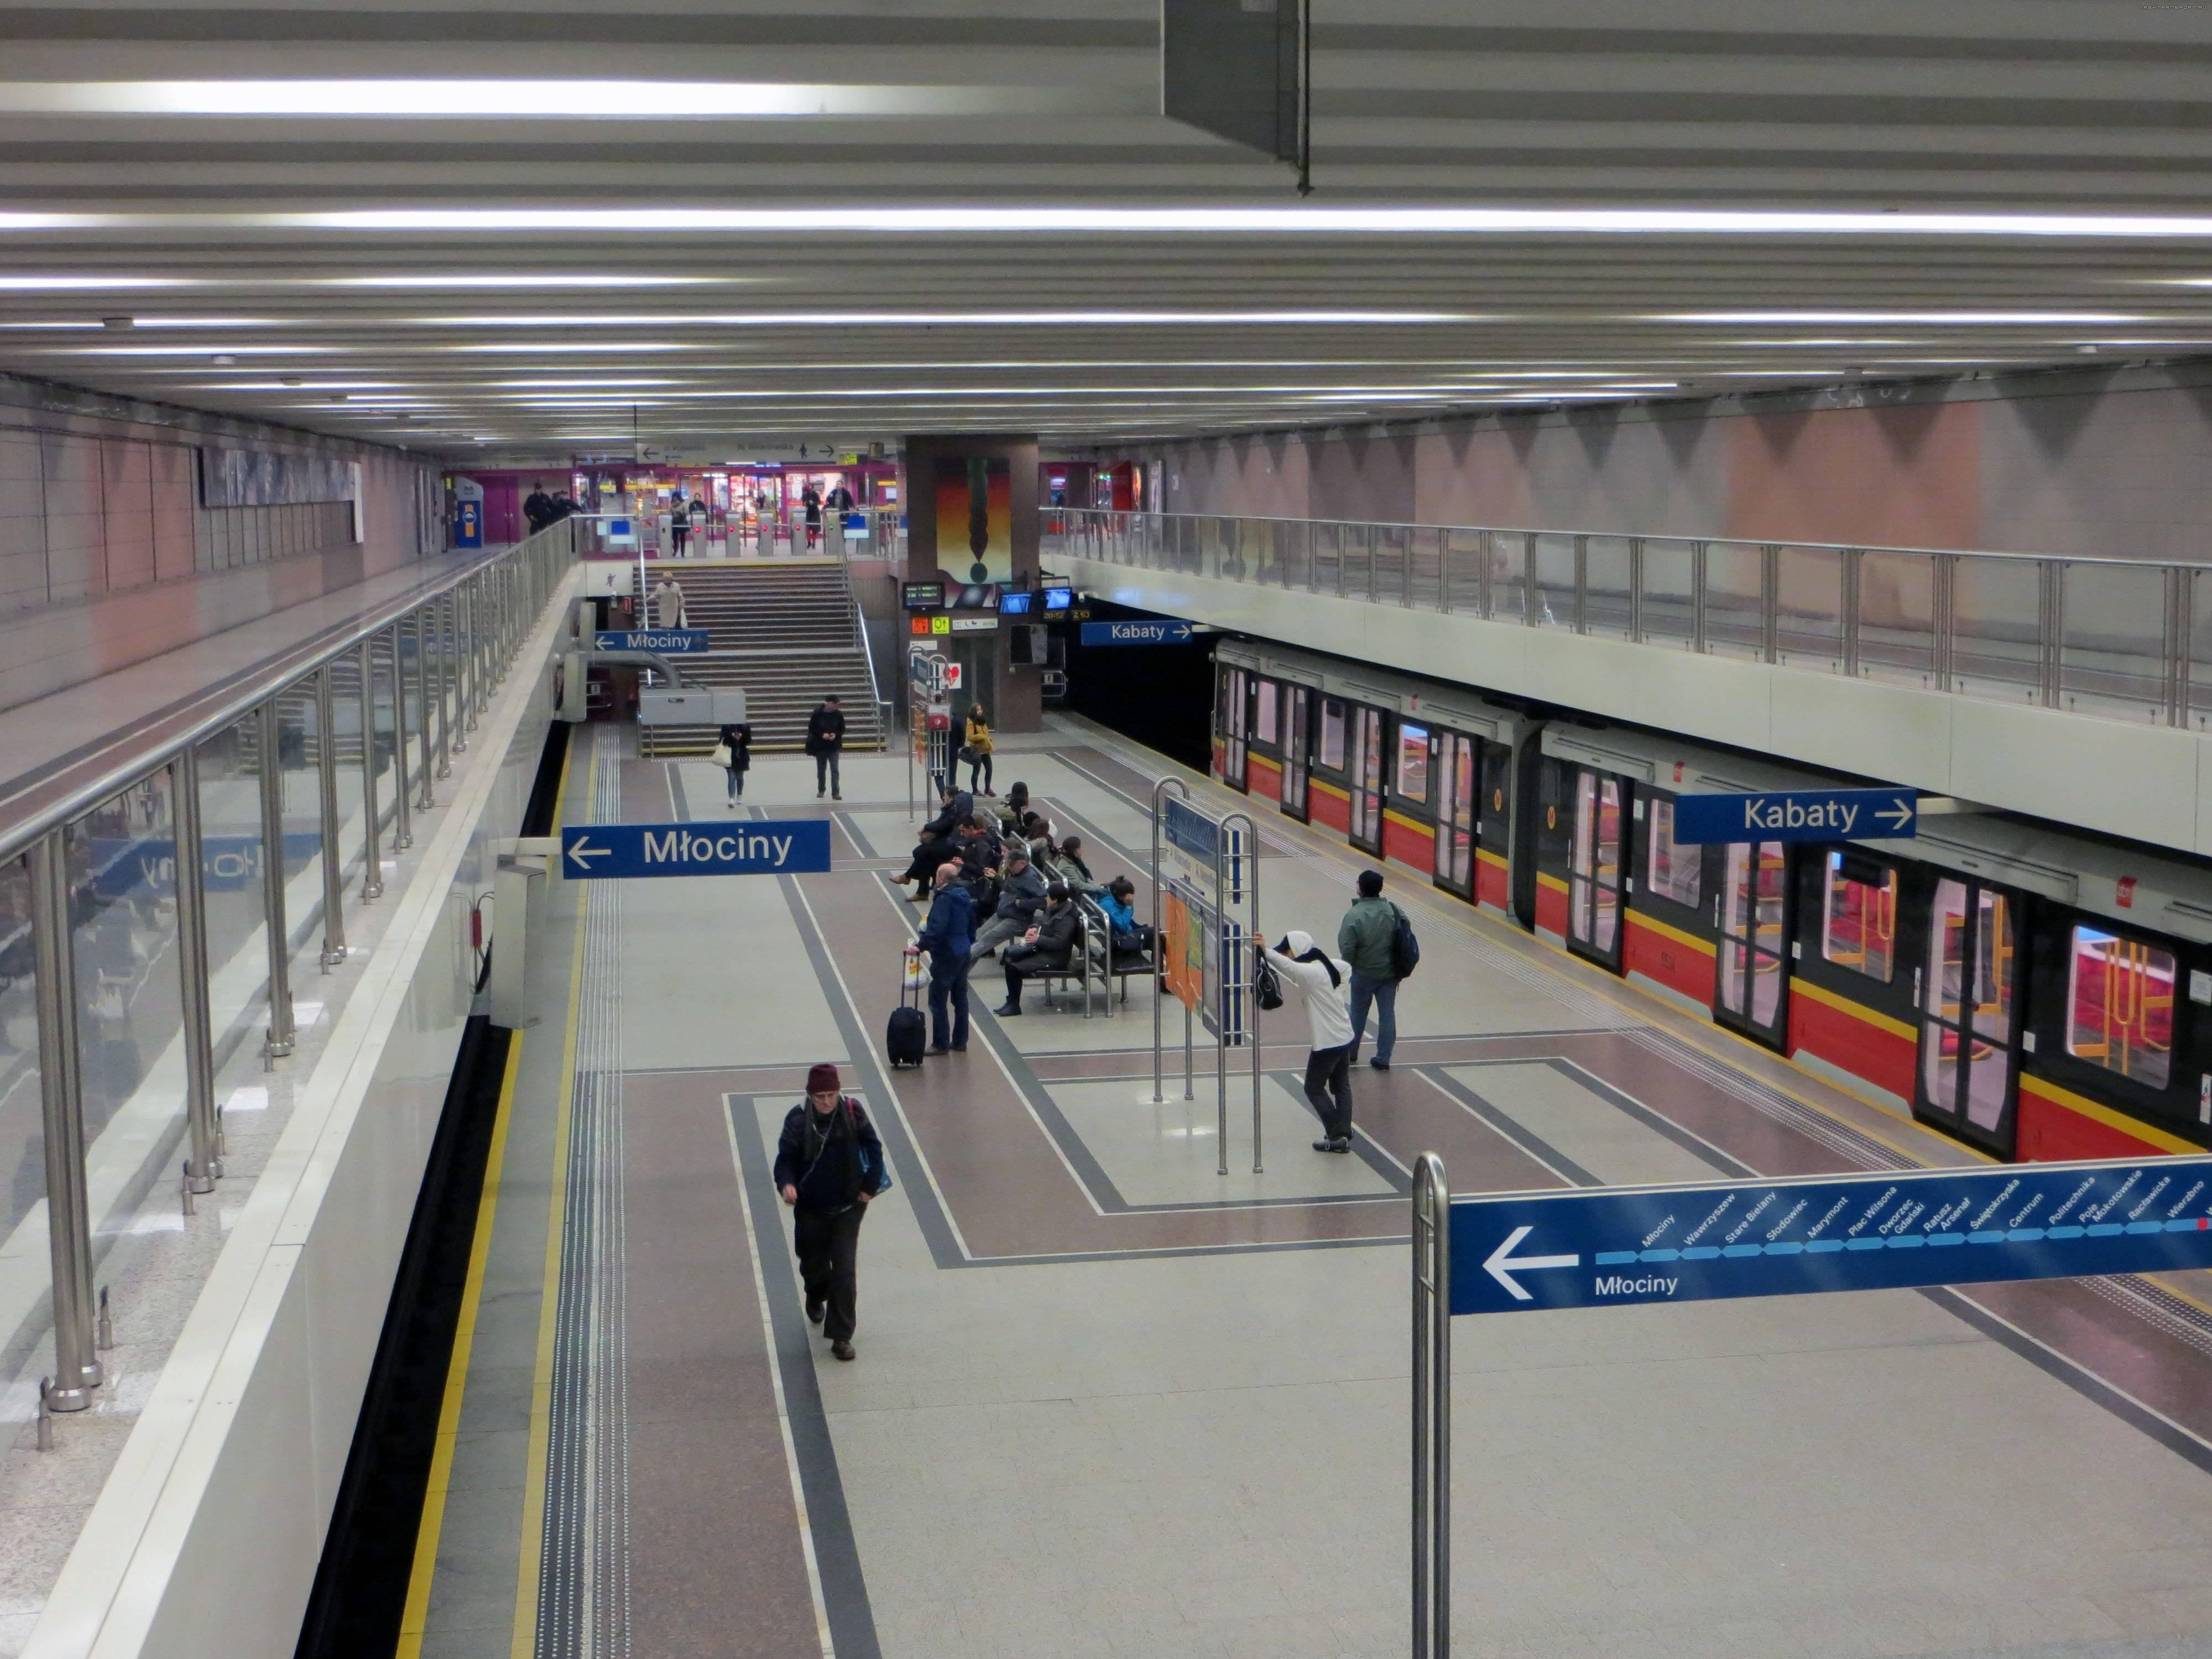 Во сколько открывается метро в москве и санкт-петербурге в 2021 году